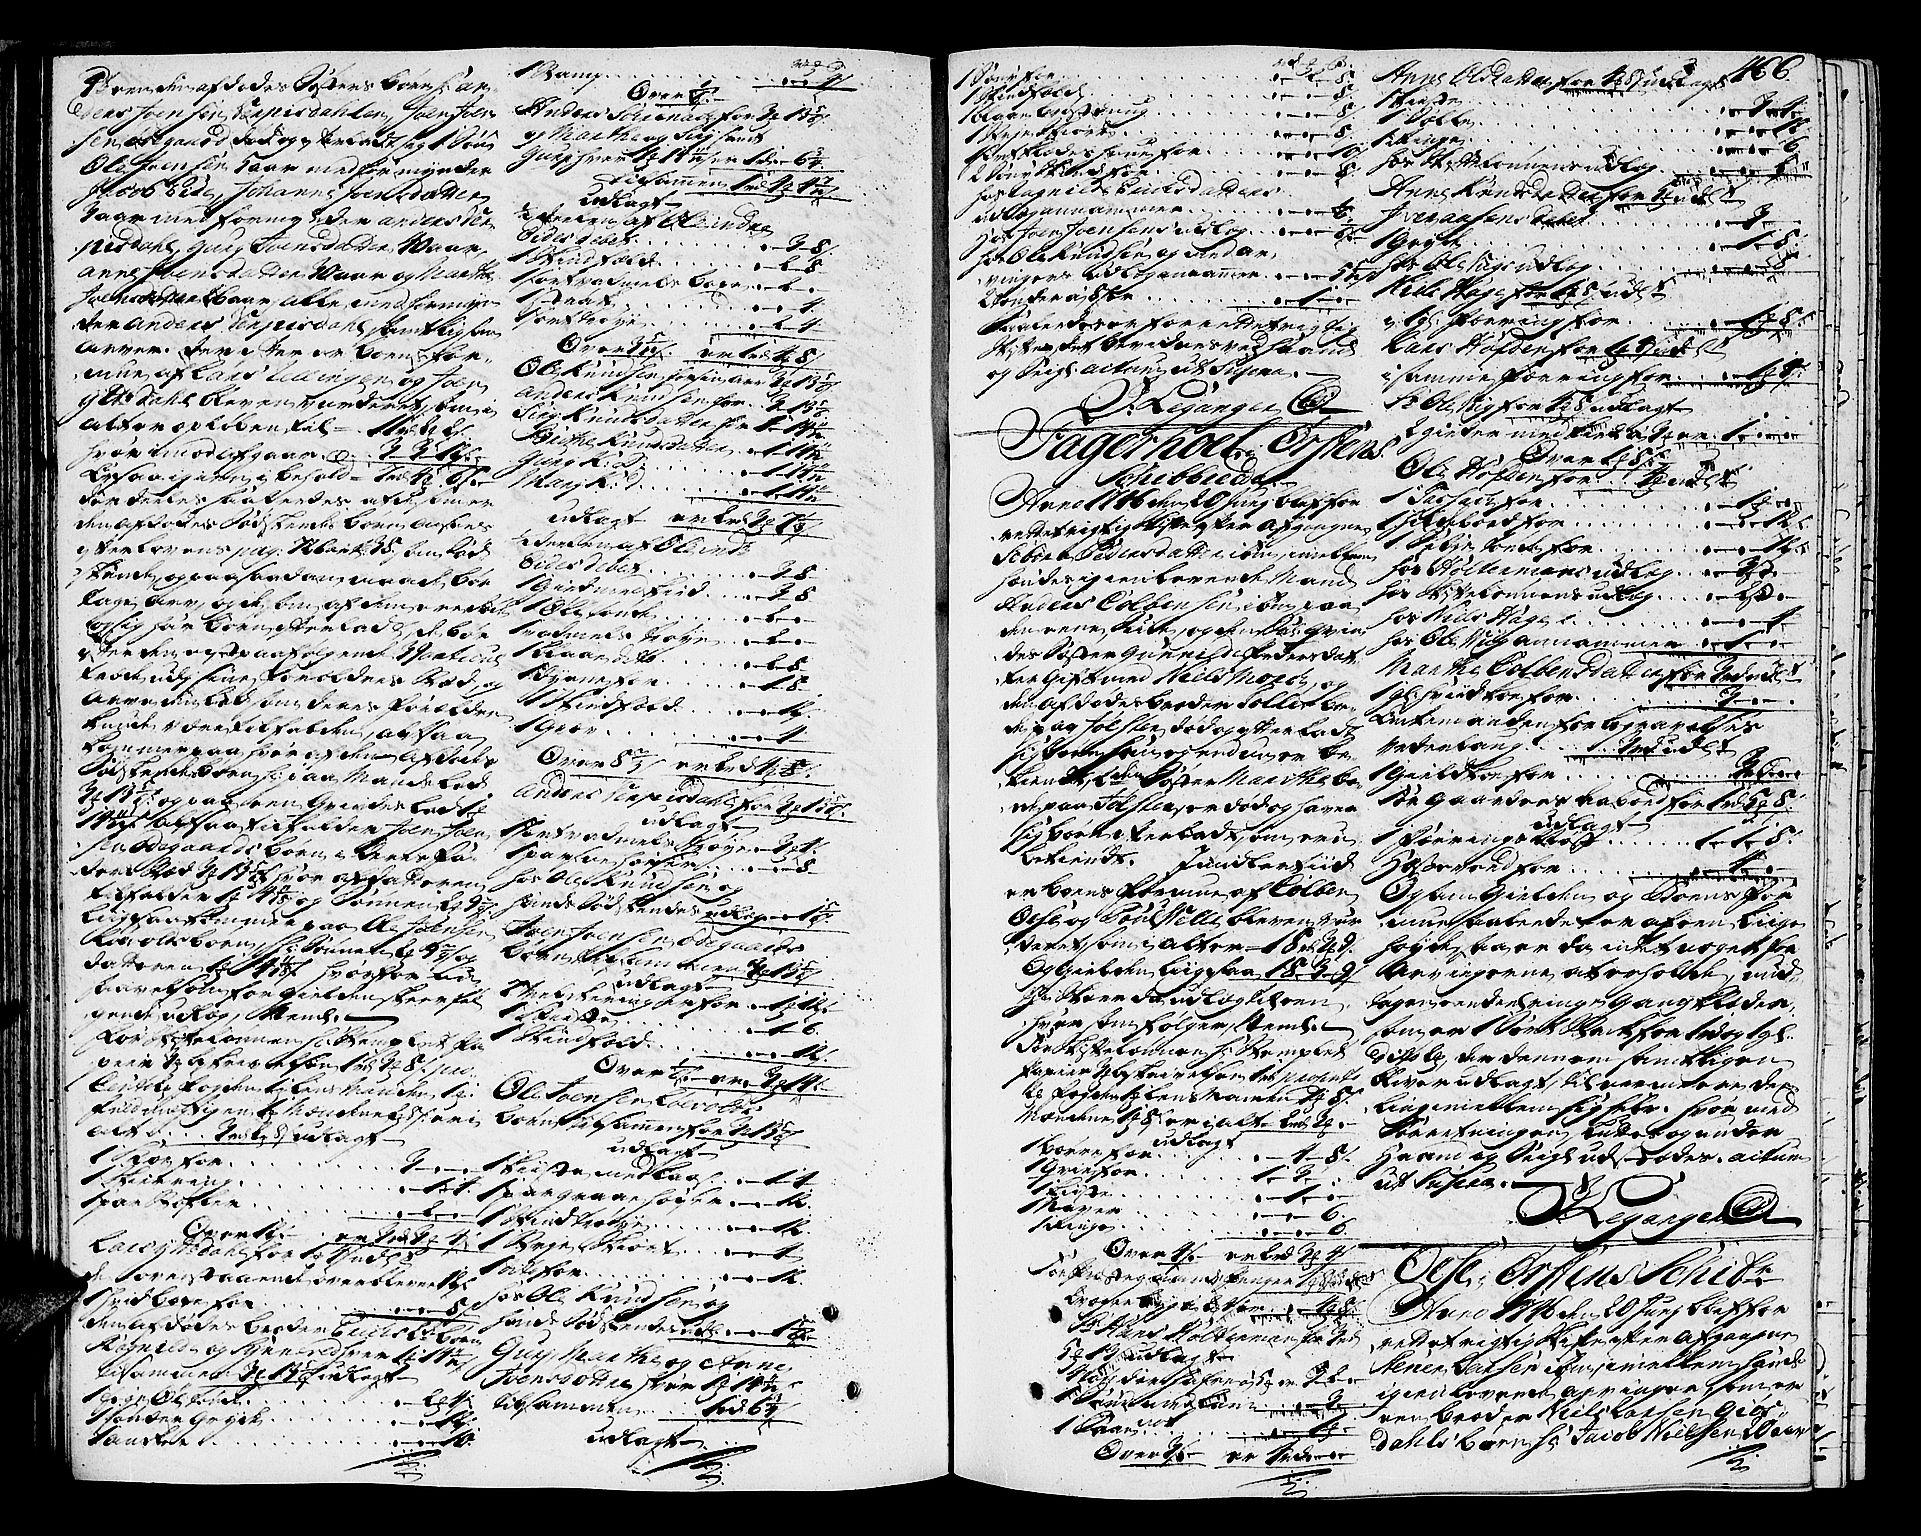 SAT, Sunnmøre sorenskriveri, 3/3A/L0016: Skifteprotokoll 12B, 1746-1749, s. 465b-466a